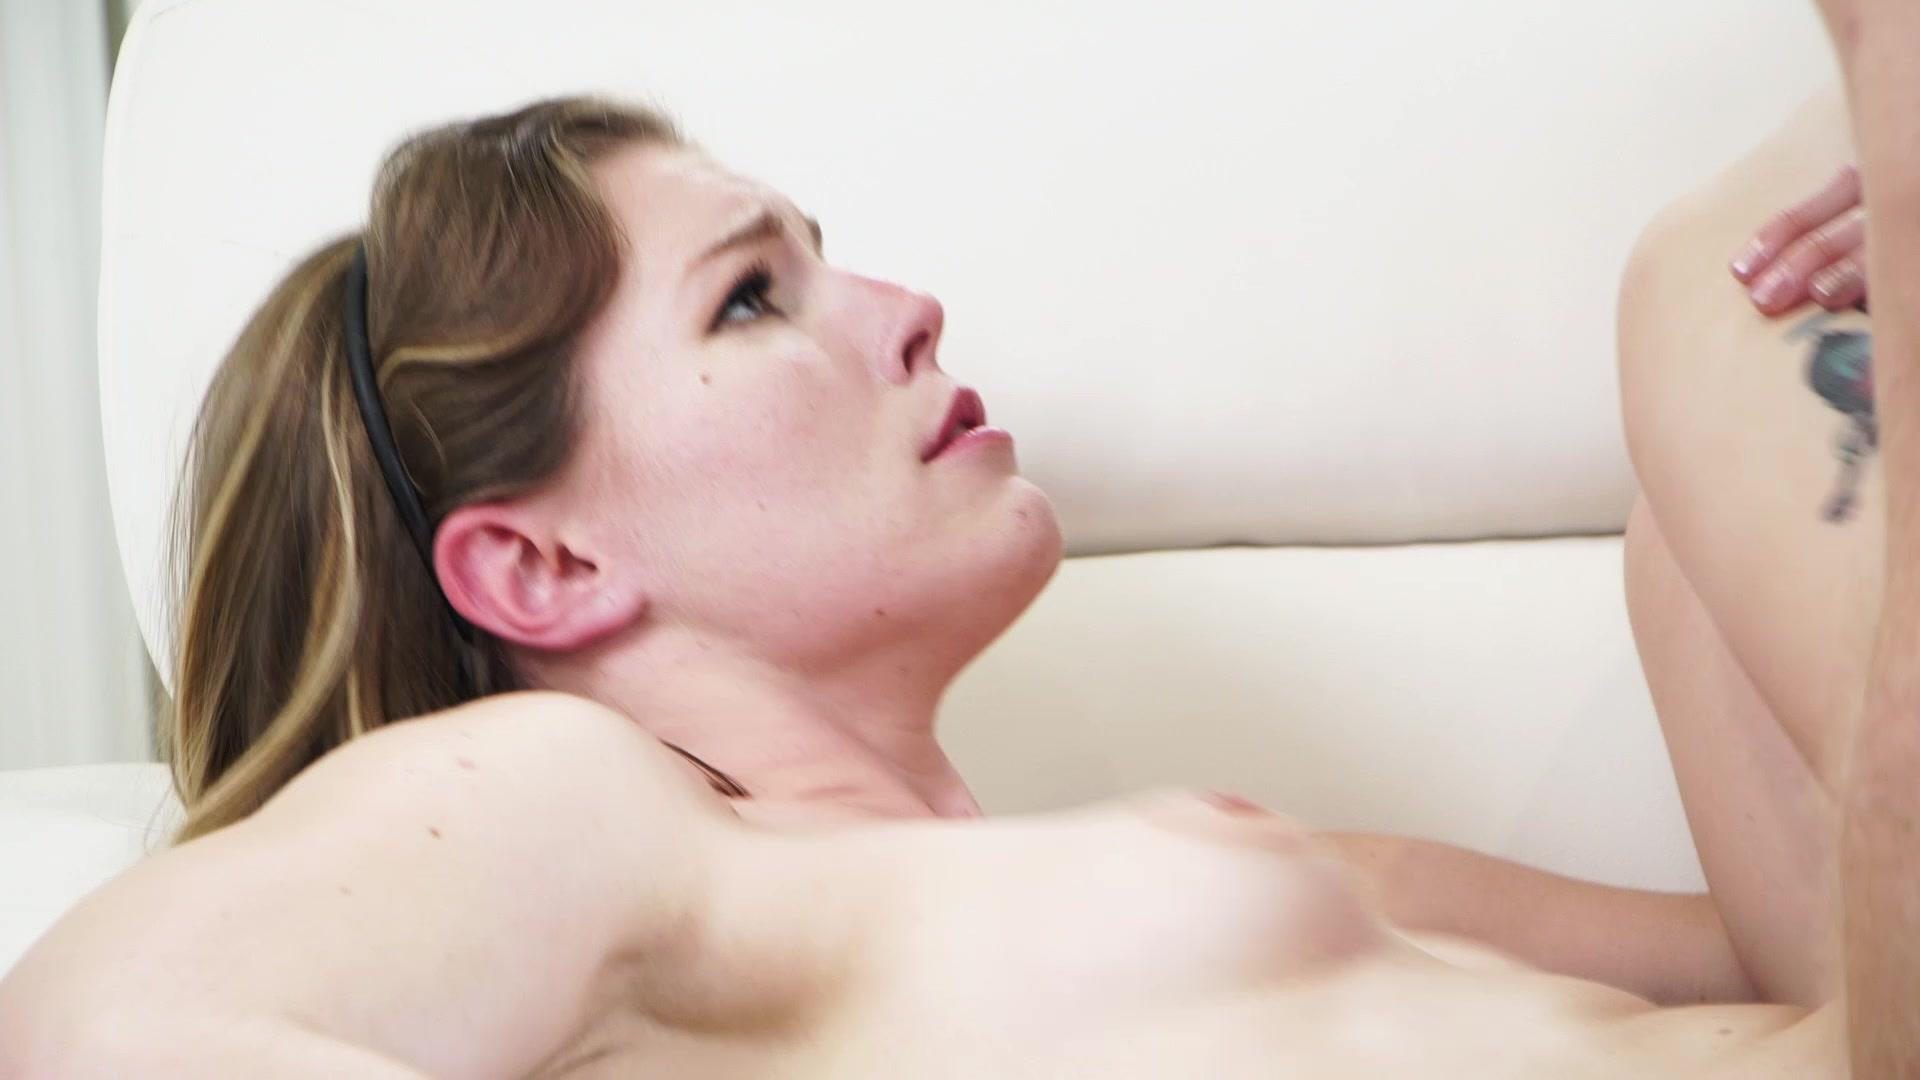 nice big boob